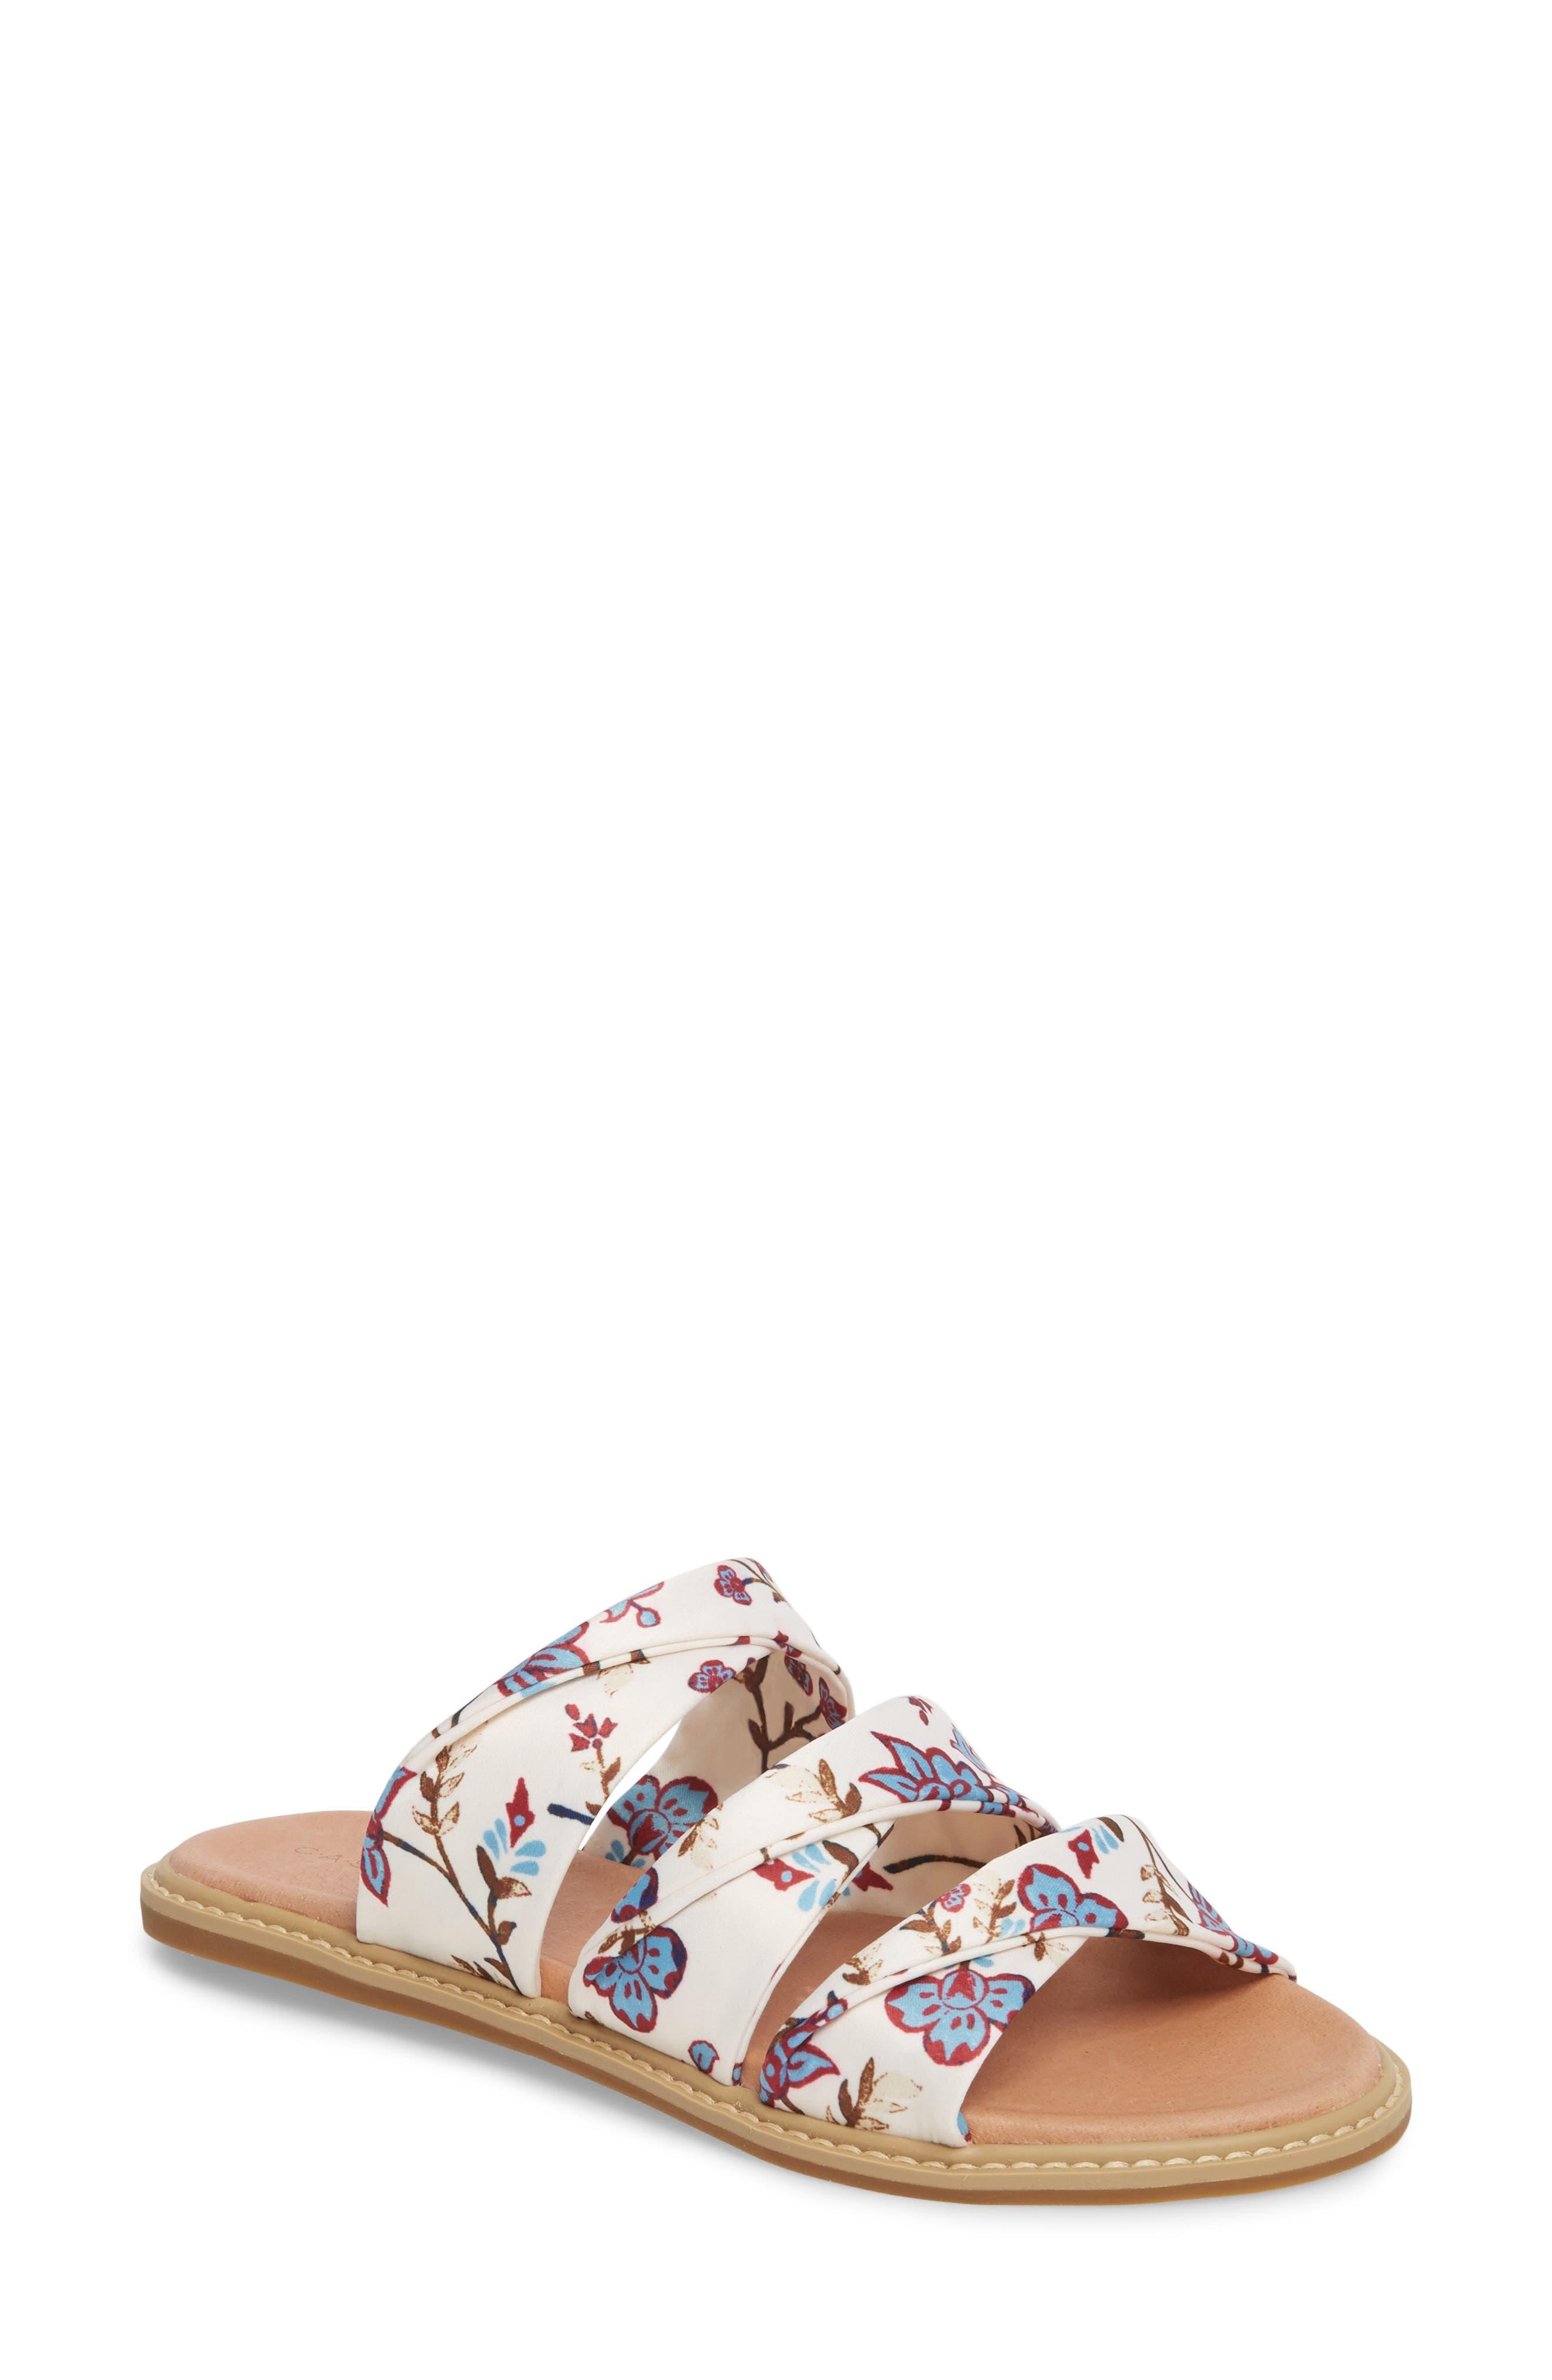 Cooper Slide Sandal,                             Main thumbnail 1, color,                             White Agrestic Fabric